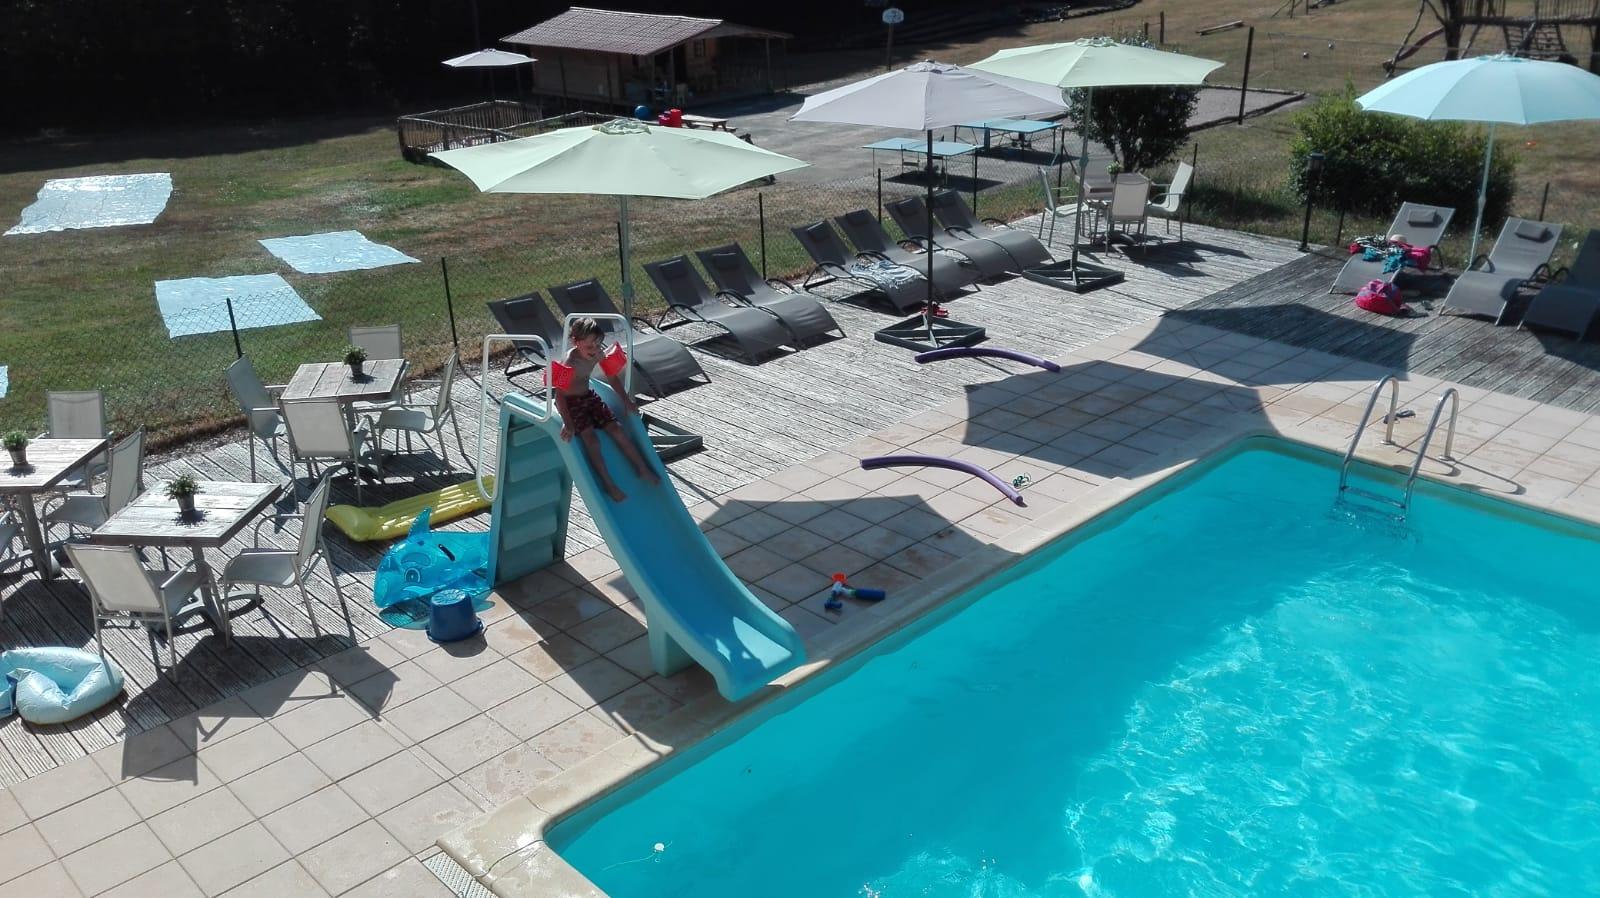 Zwembad - meivakantie naar Platus - Glamping